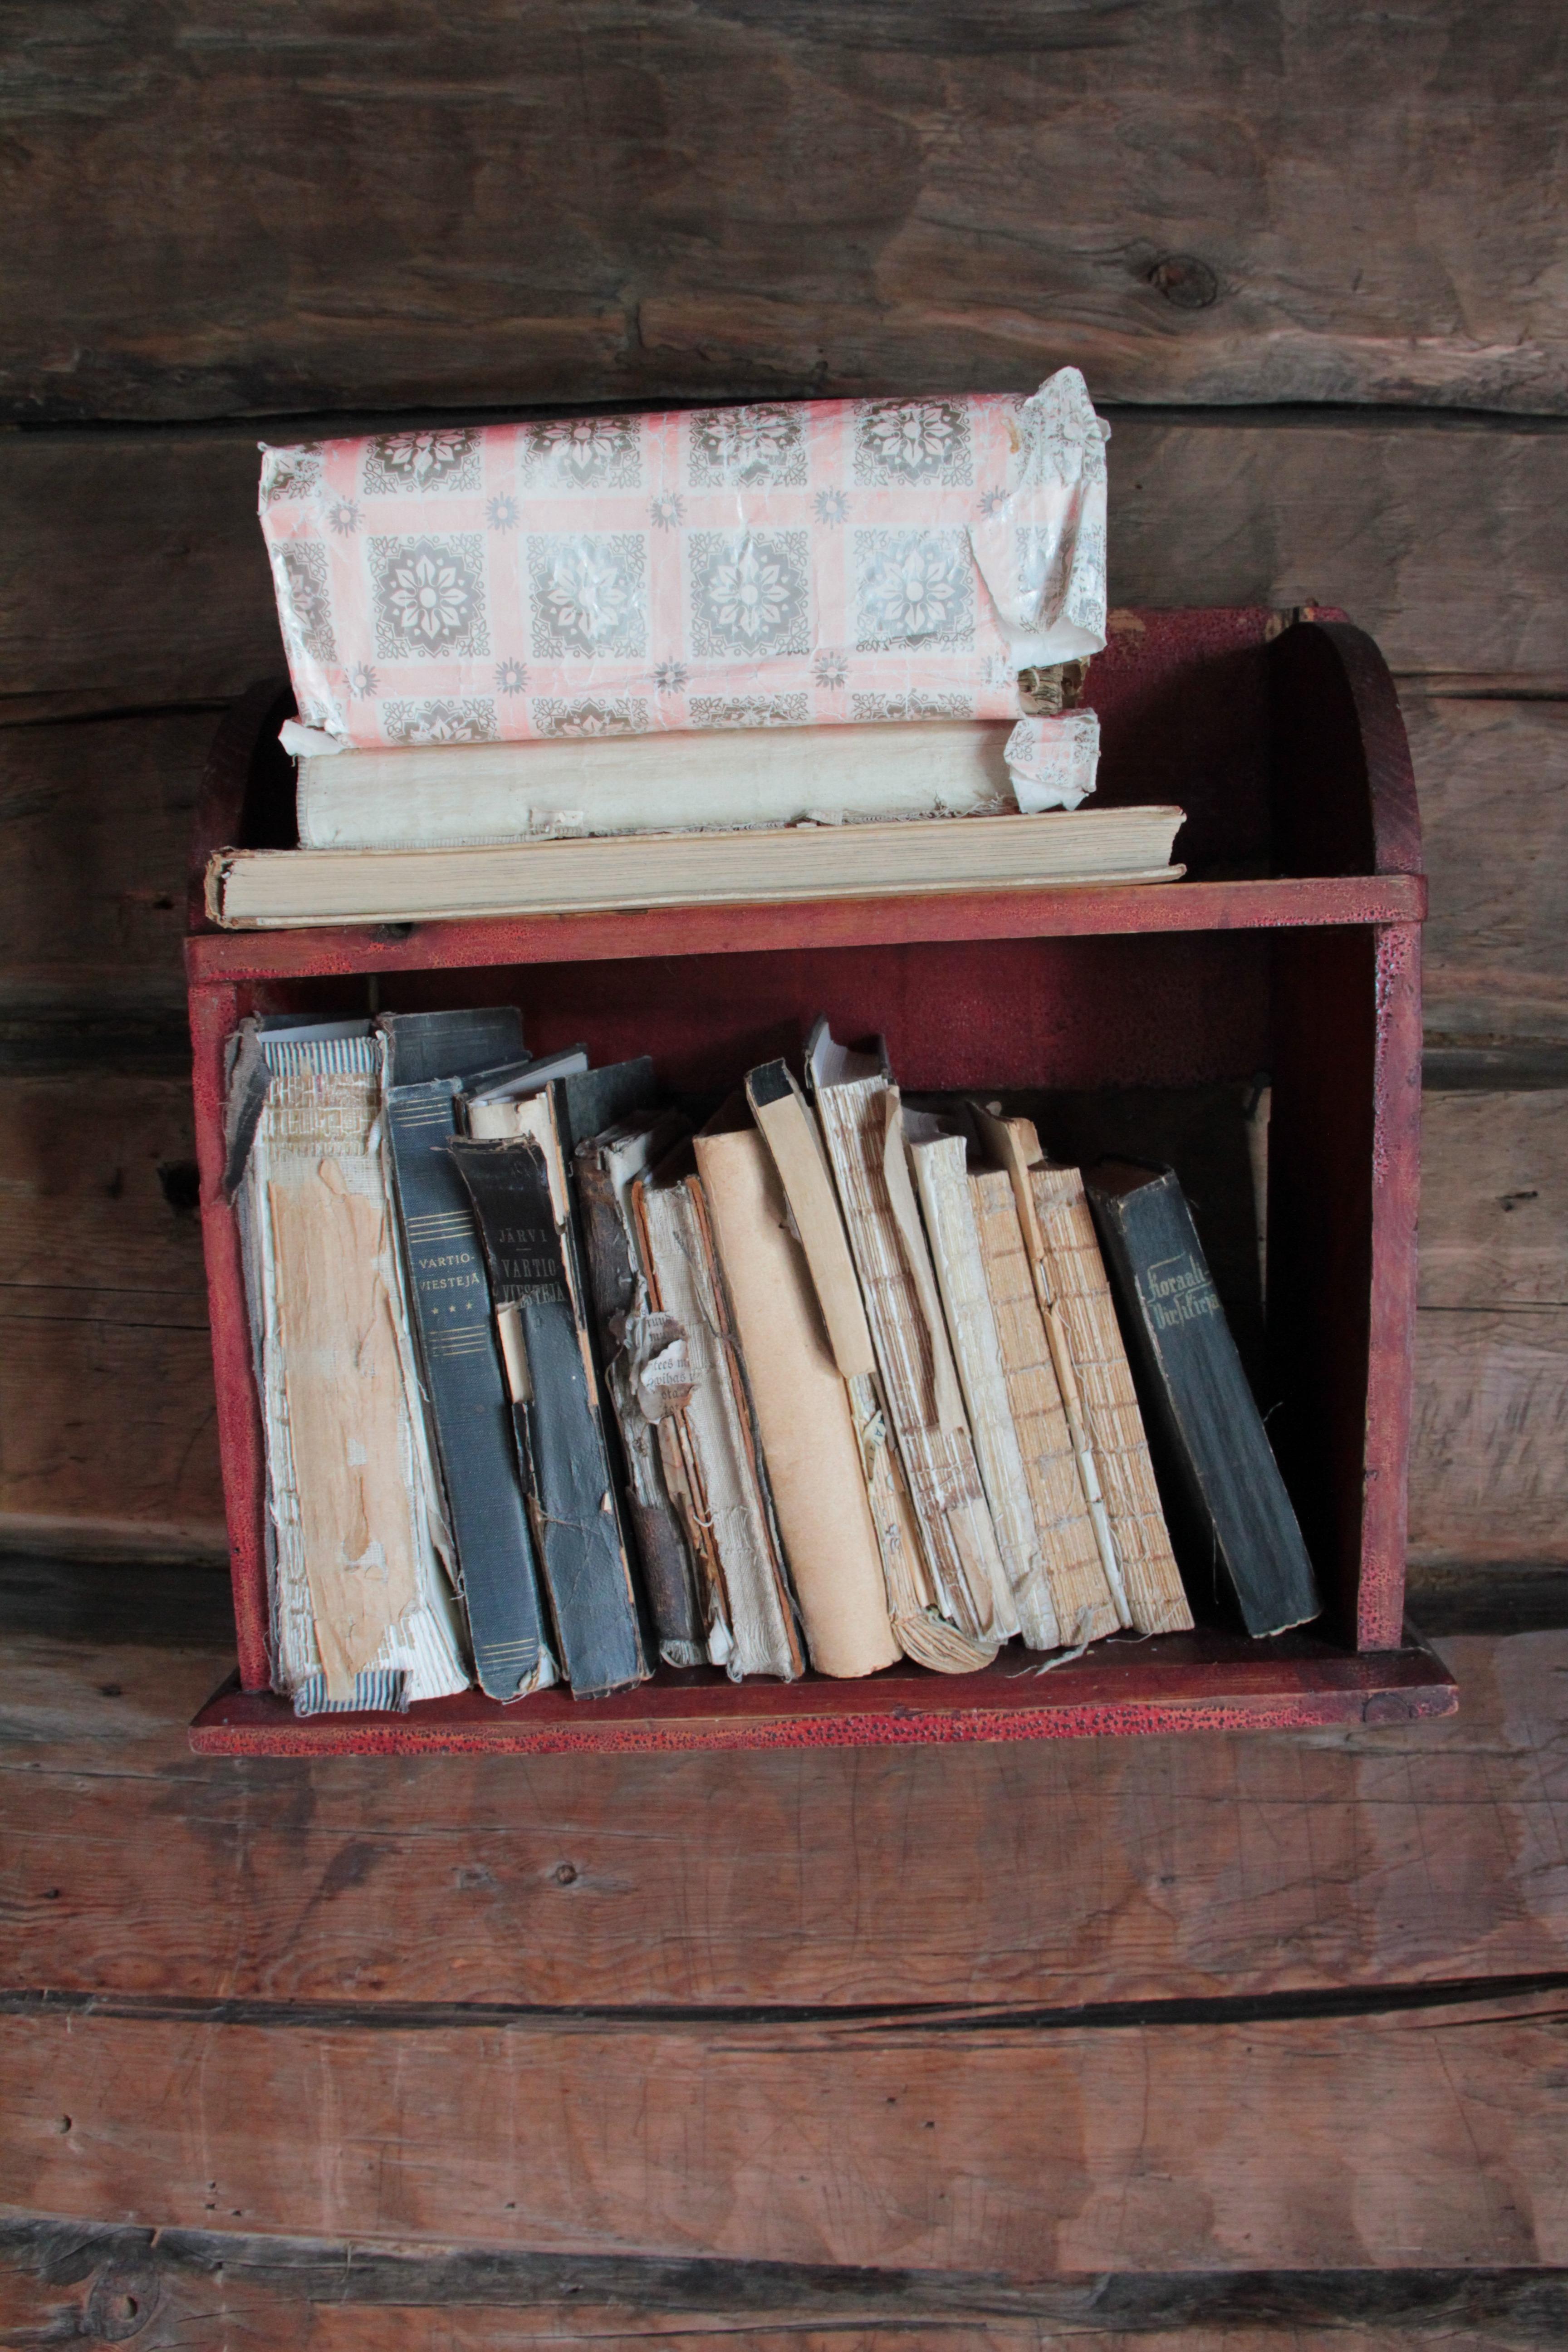 Gratis Afbeeldingen : hout, huis, oud, rood, kleur, plank, meubilair ...